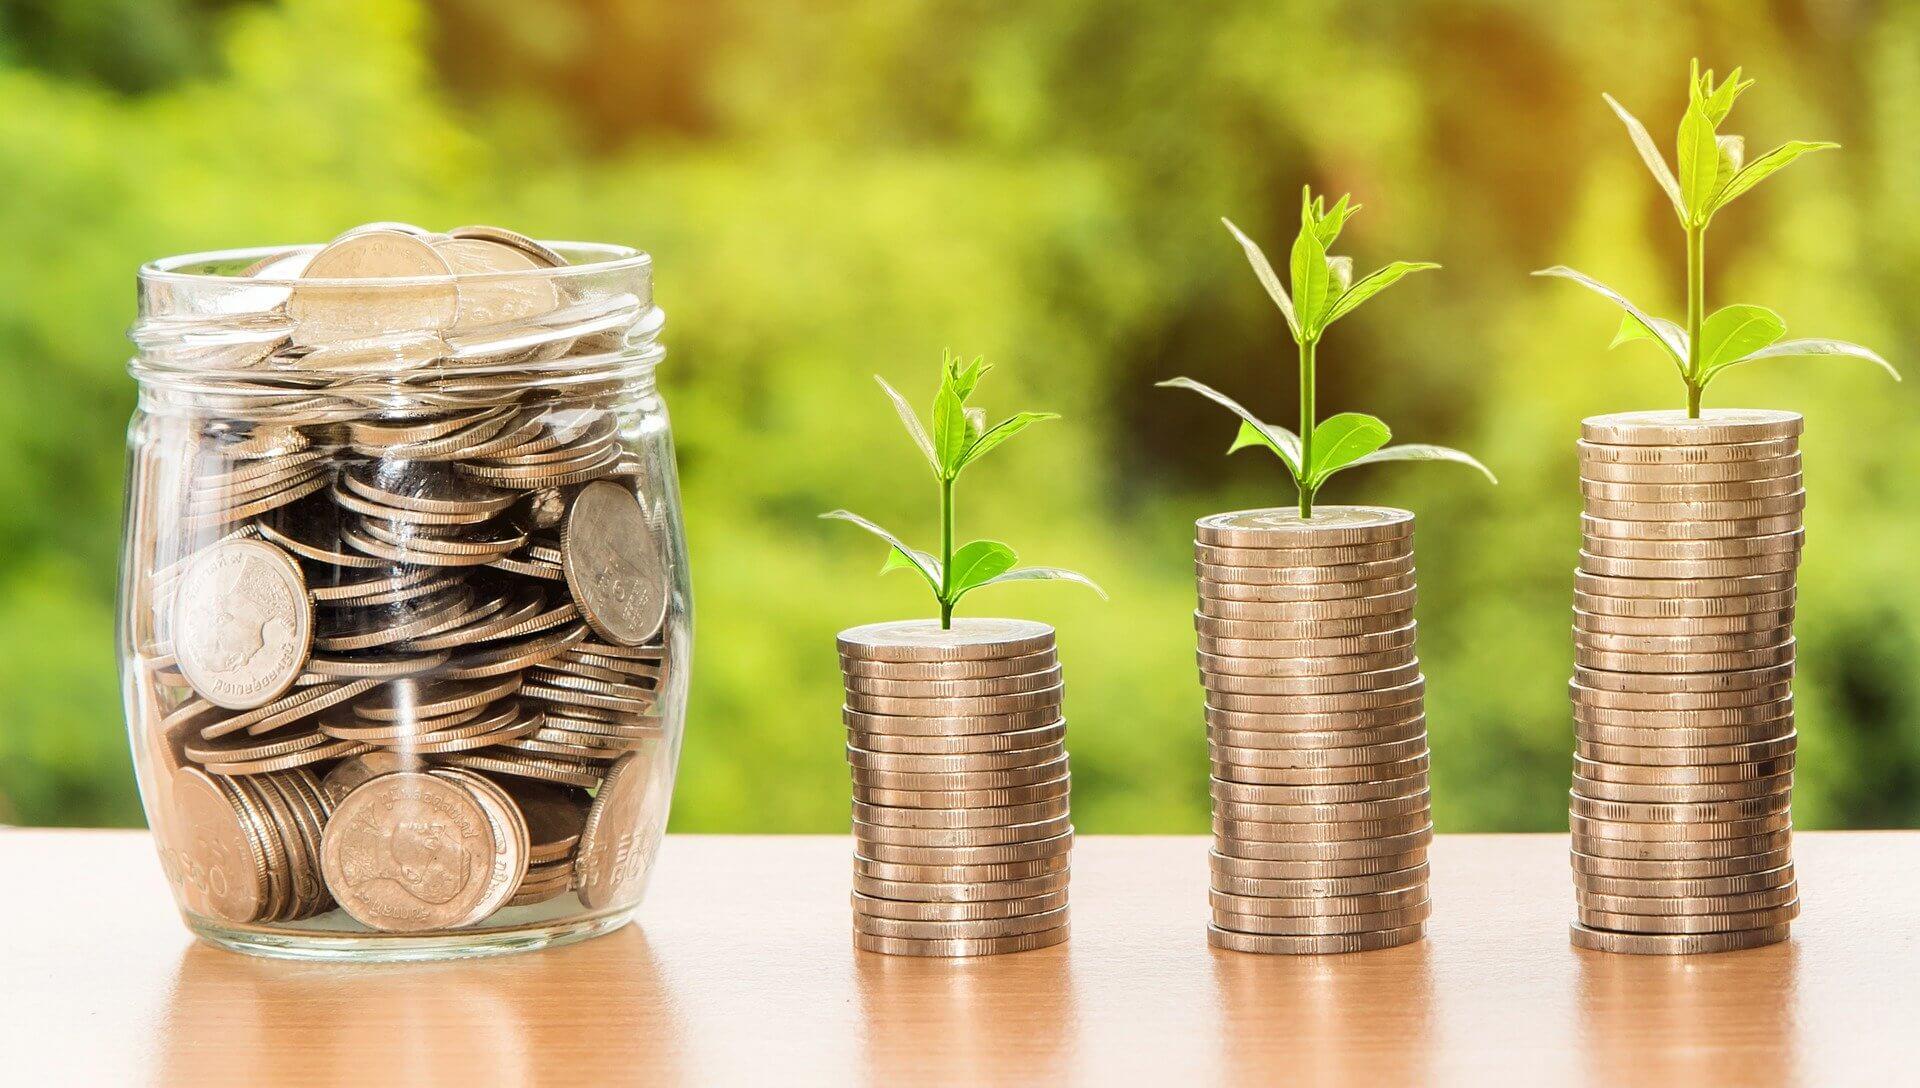 שיטות מימון עיקריות בנדלן